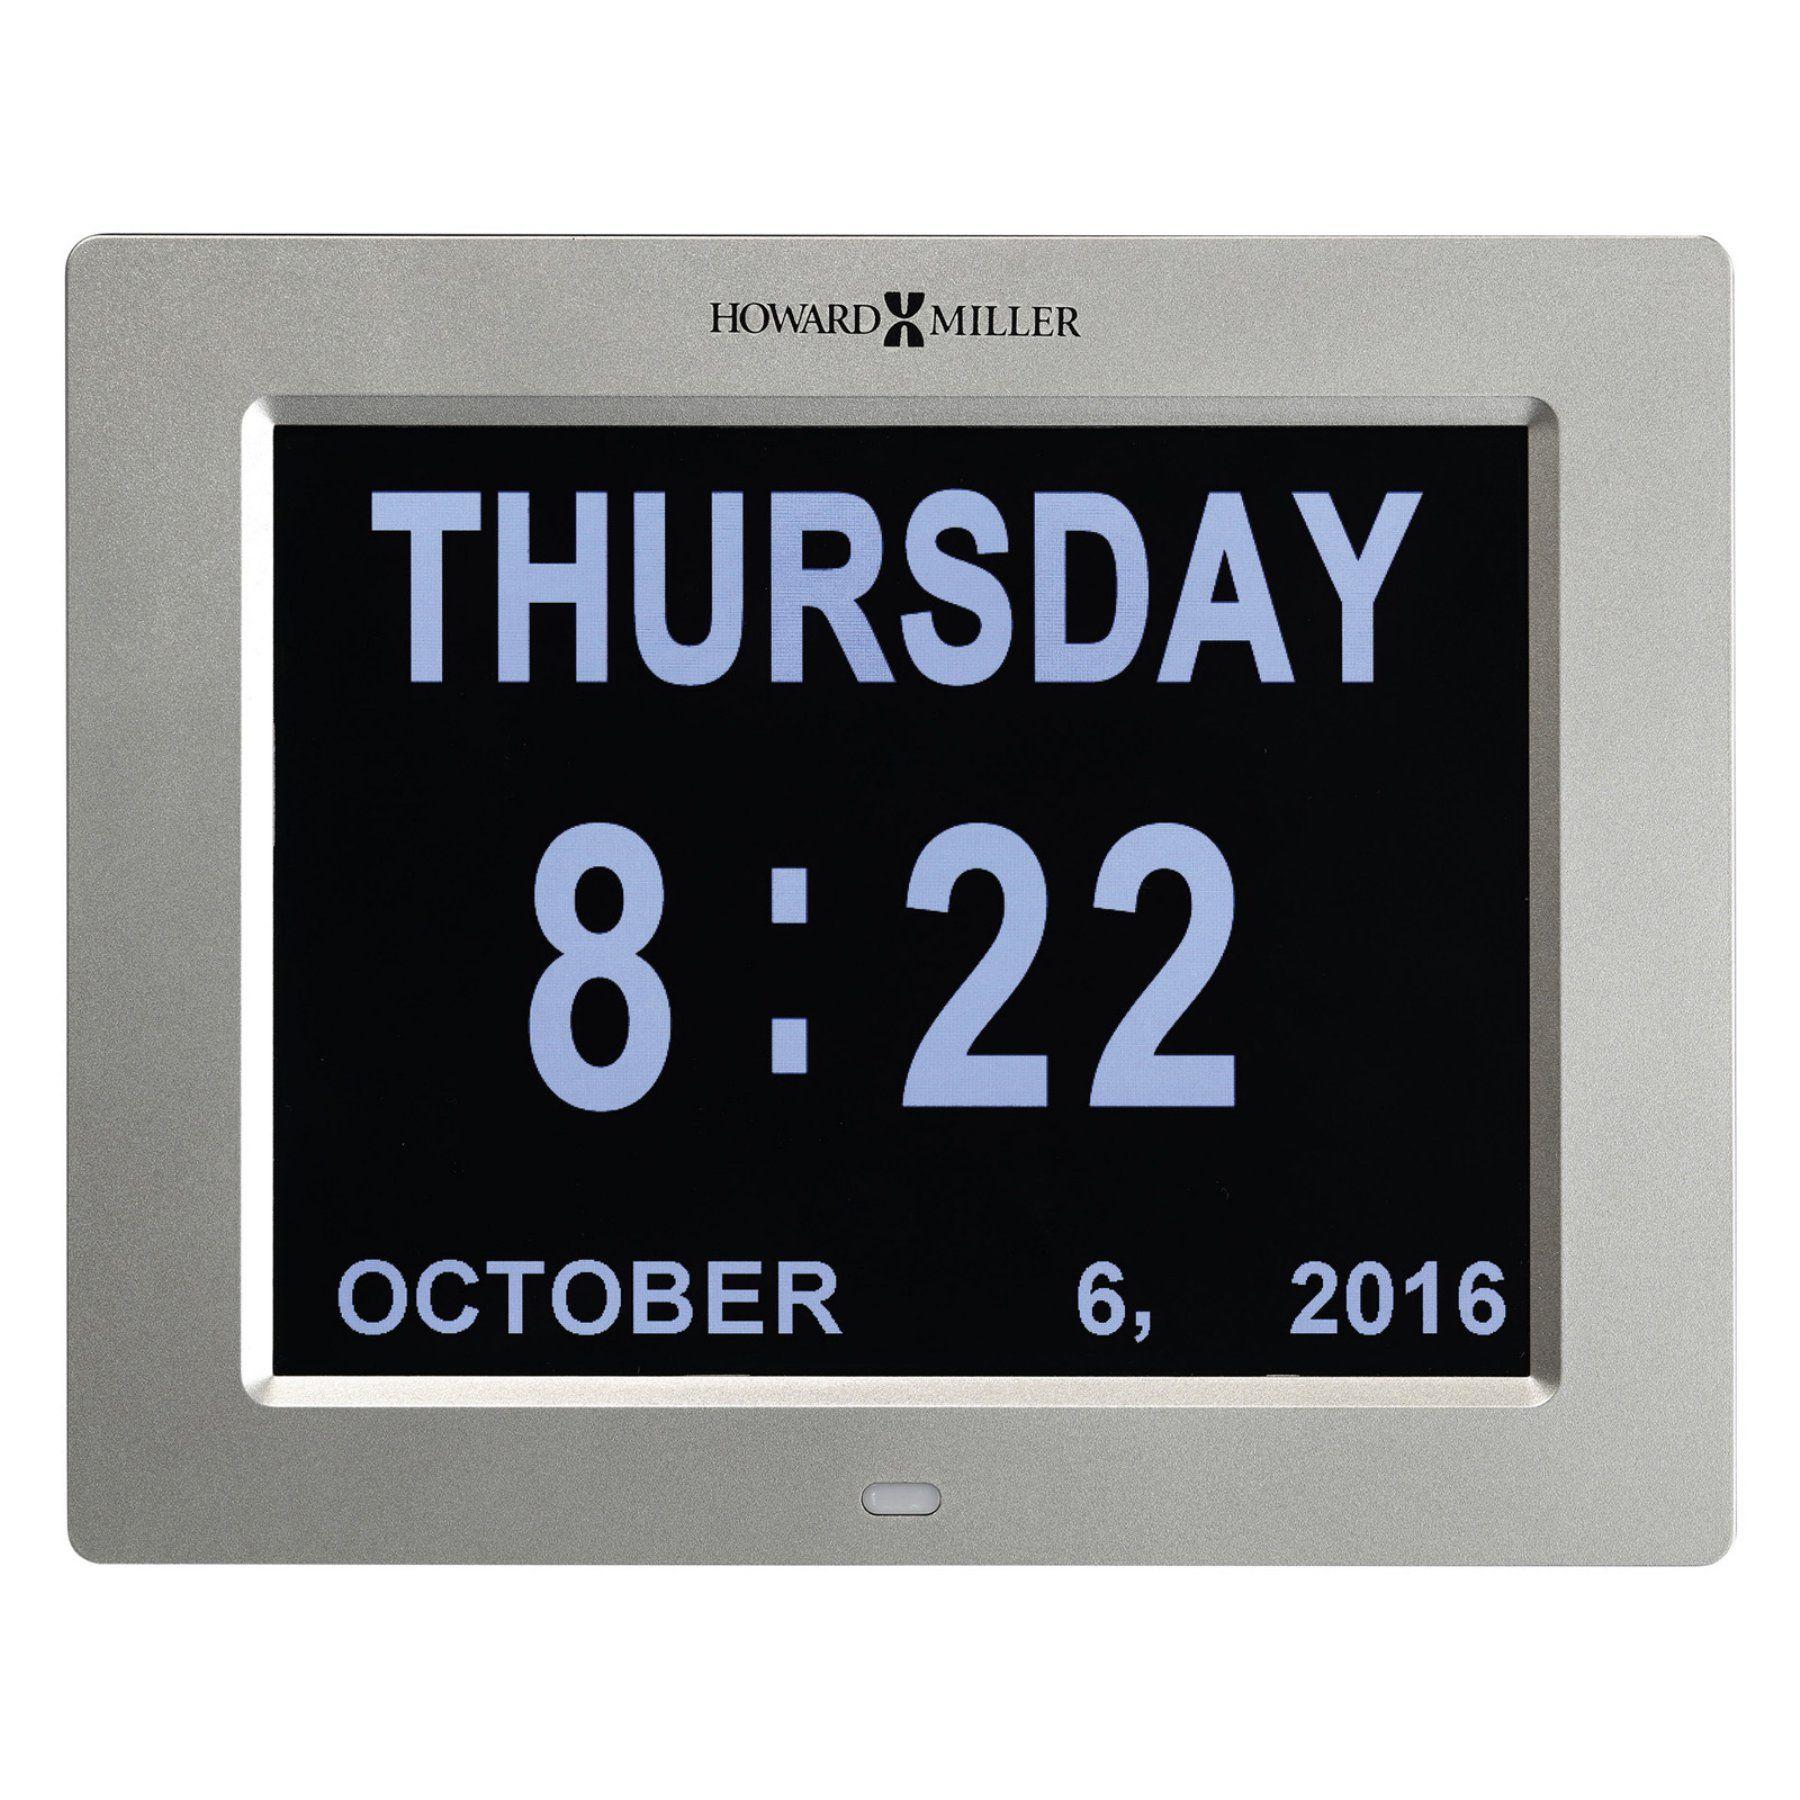 Howard Miller Memory 8.5 in. Digital Wall Clock 625632